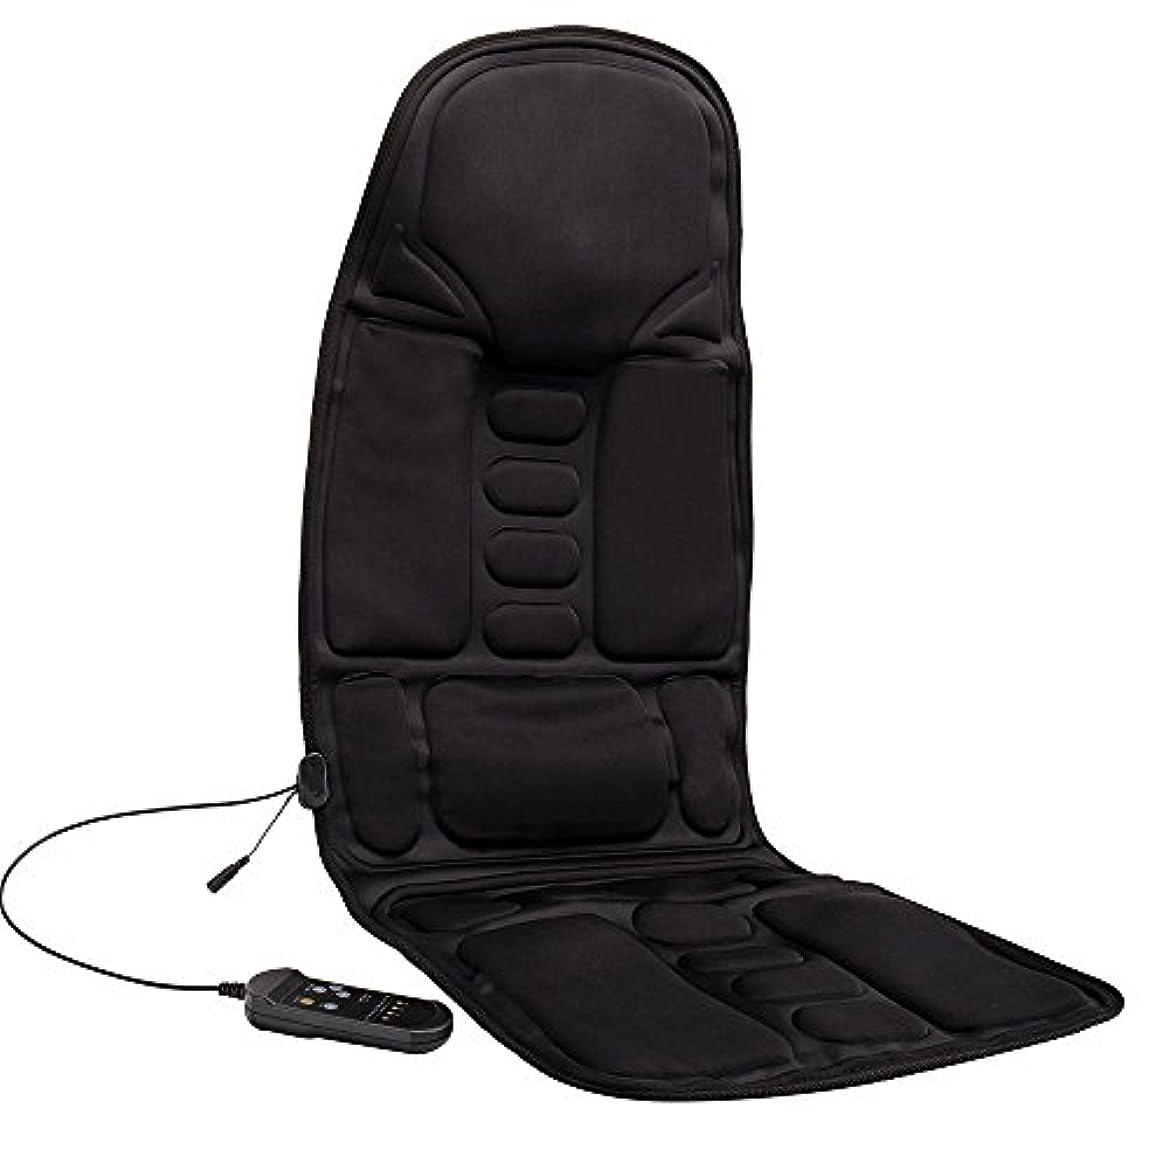 相反する息苦しい自明Kindness マッサージシート ヒーター搭載 高品質PUレザー製 どこでもマッサージャー オフィス 旅行 ホーム 車シート ギフト ブラック